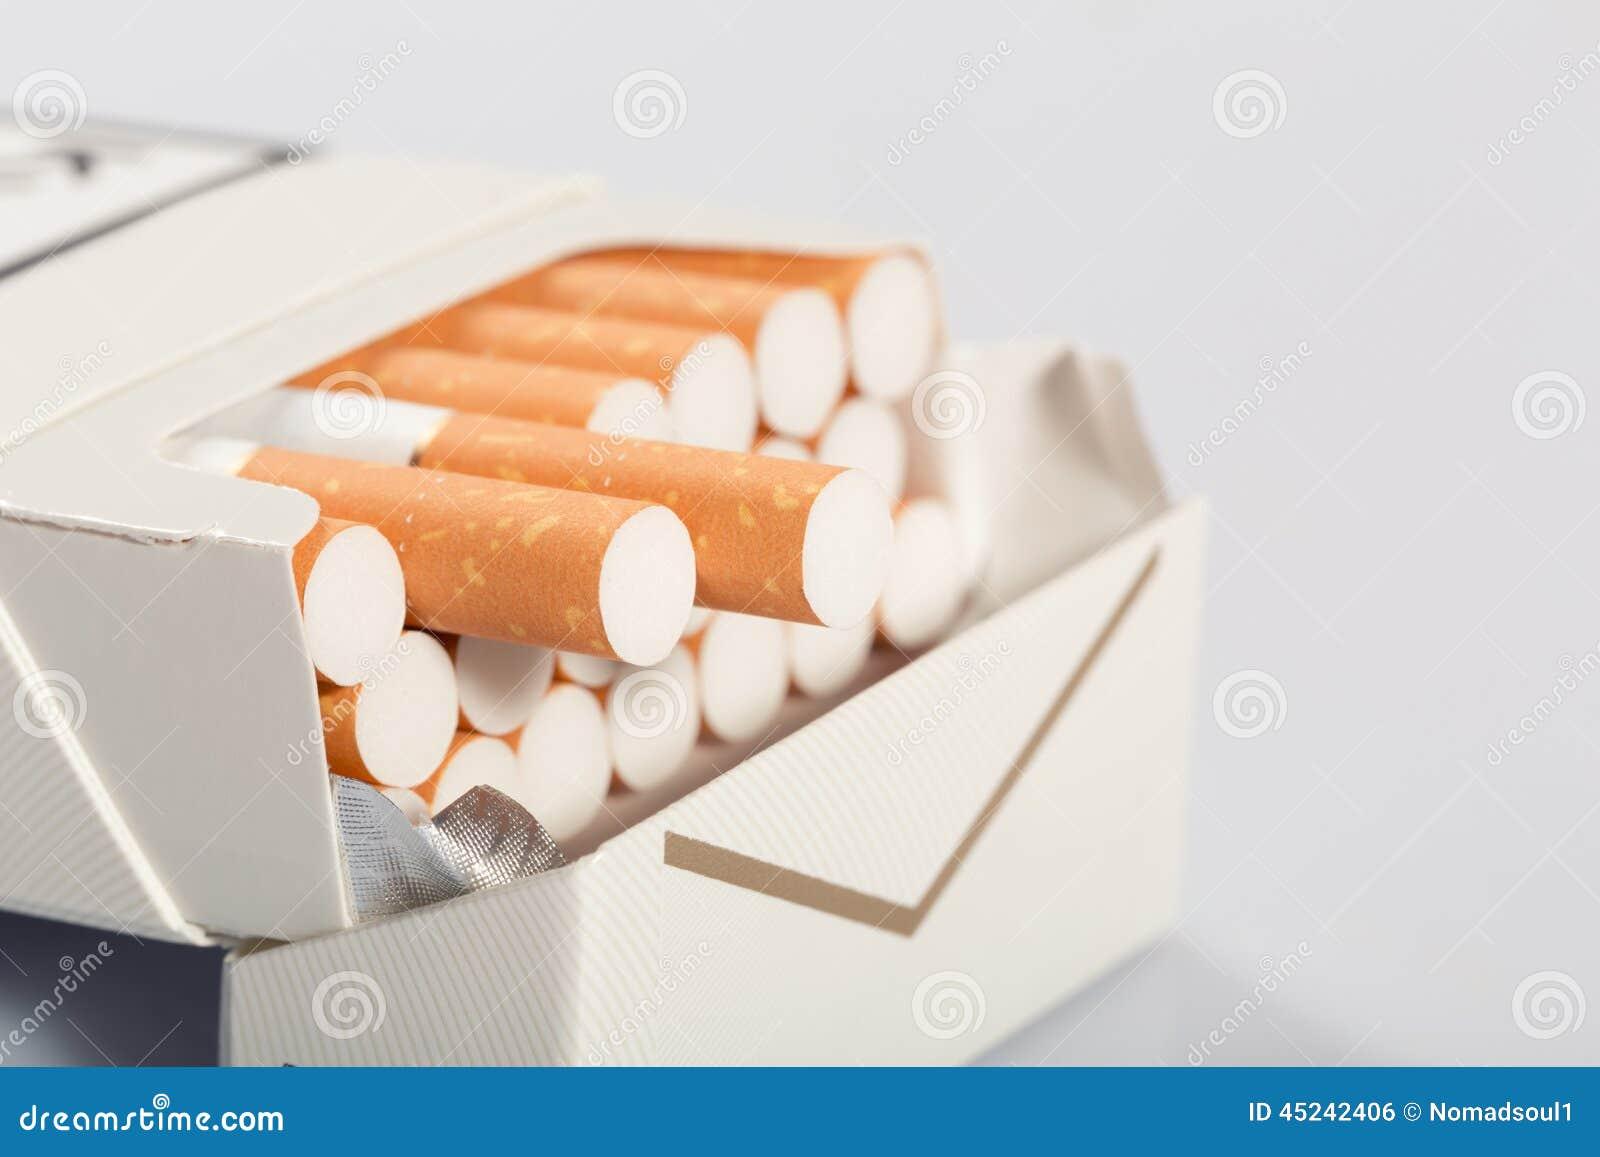 Doos van sigaretten